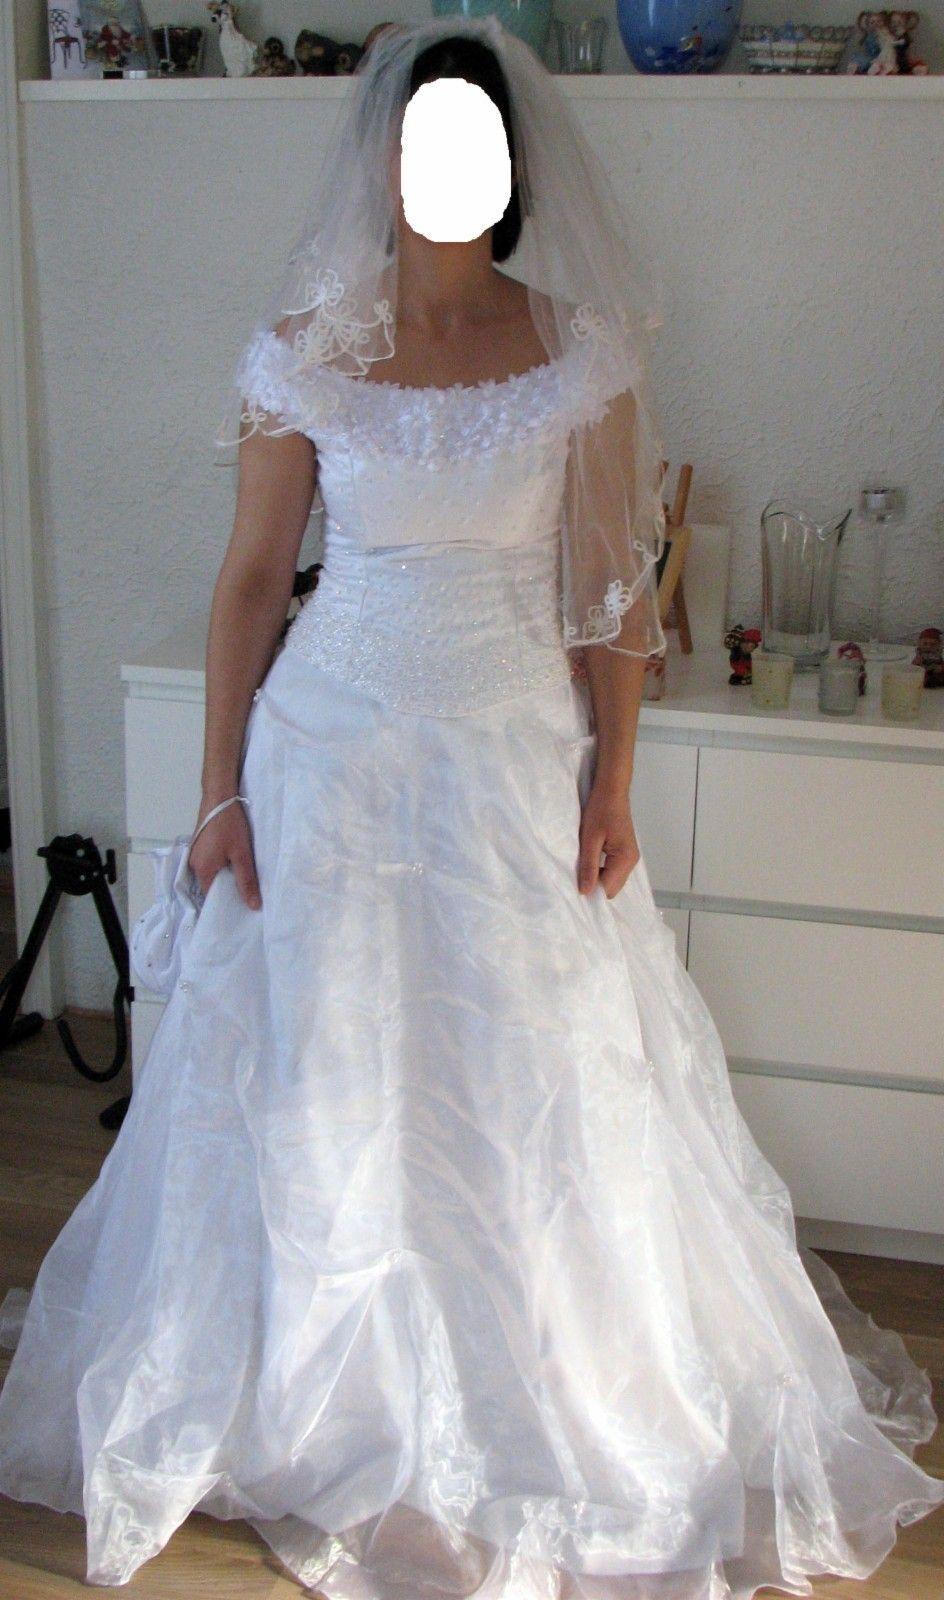 e757cbed Kjempe lekert brudekjole til salg med krone NY PRIS! | FINN.no